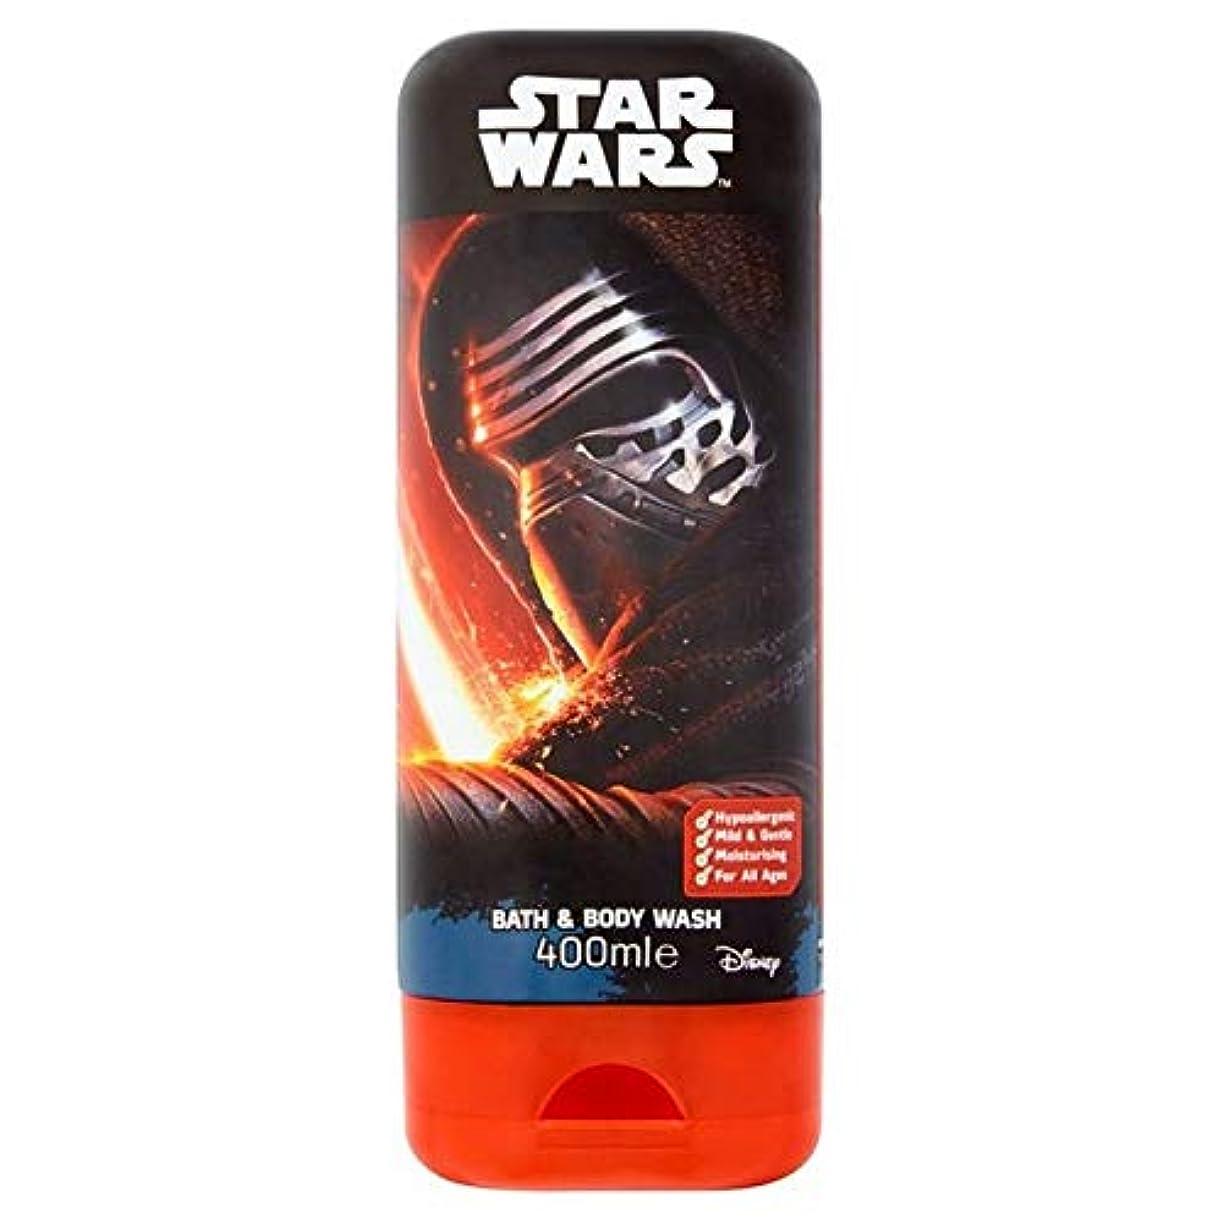 ものアンタゴニスト社会主義者[Firefly ] スターウォーズバス&シャワージェル400ミリリットル - Star Wars Bath & Shower Gel 400ml [並行輸入品]